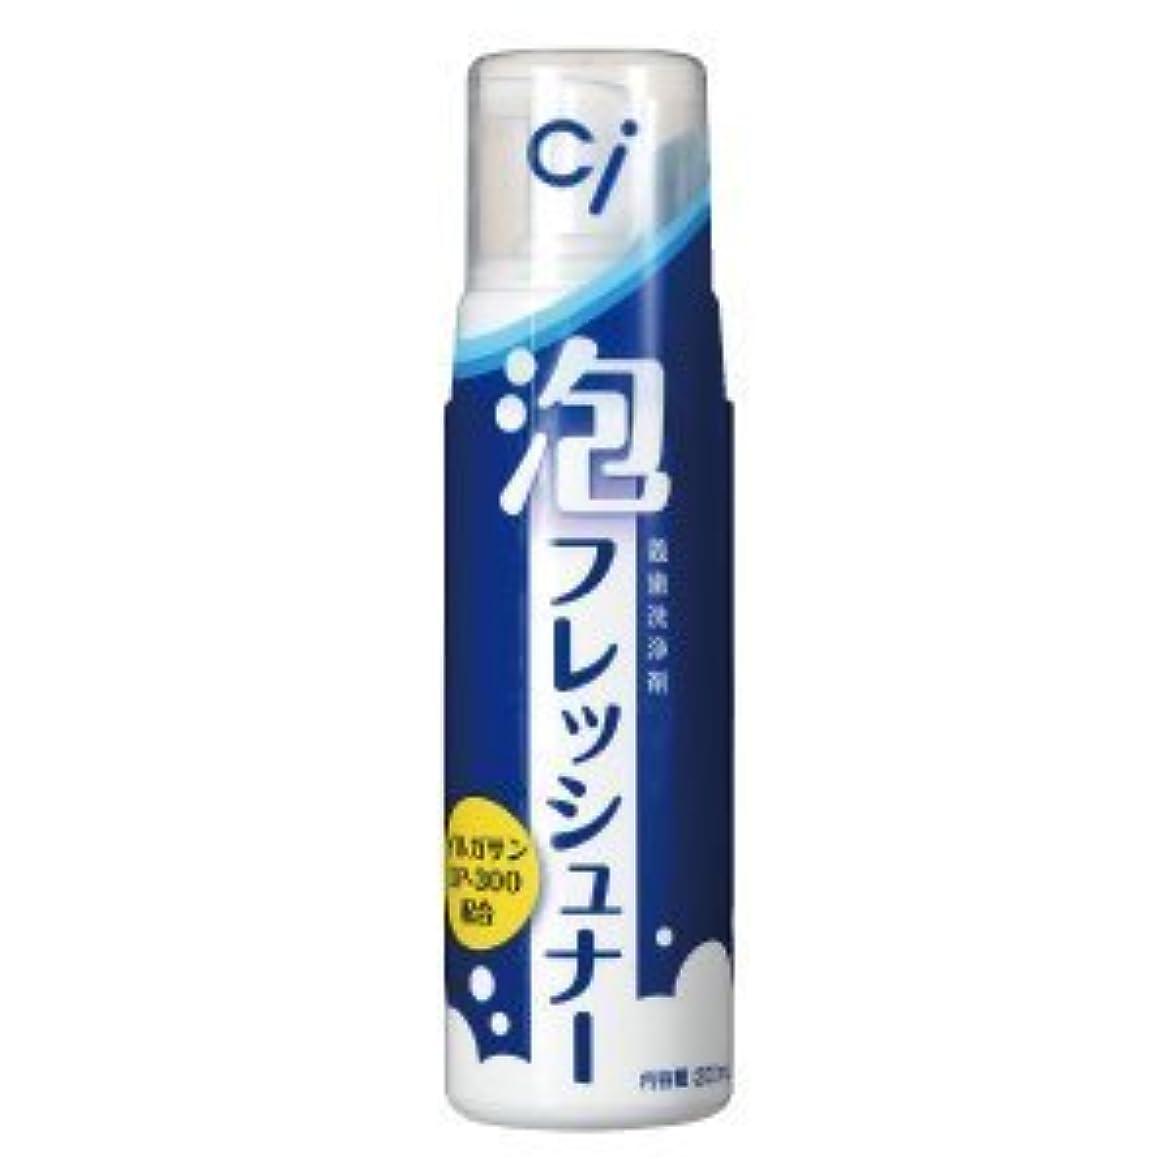 学部急行するほのめかすCi 泡フレッシュナー 義歯洗浄剤 1本(200ml)